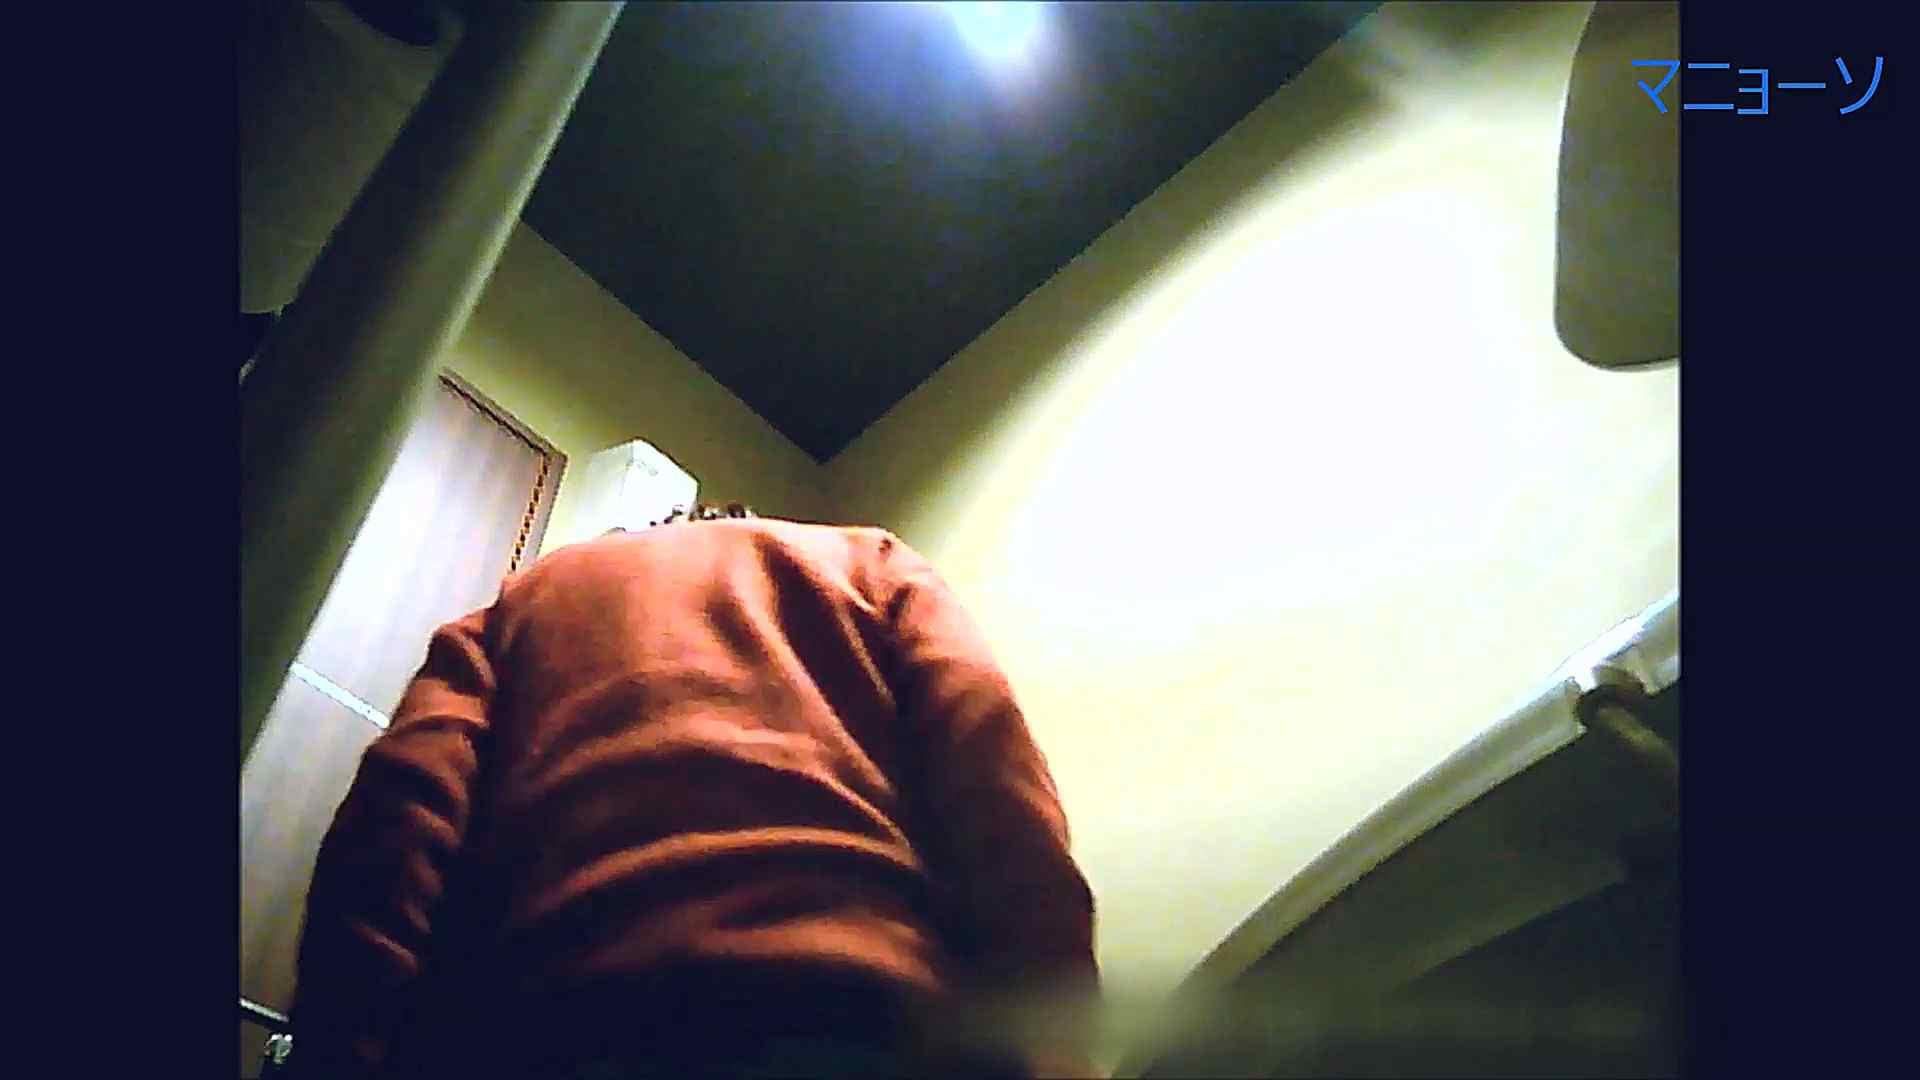 トイレでひと肌脱いでもらいました (JD編)Vol.07 OL  89pic 29